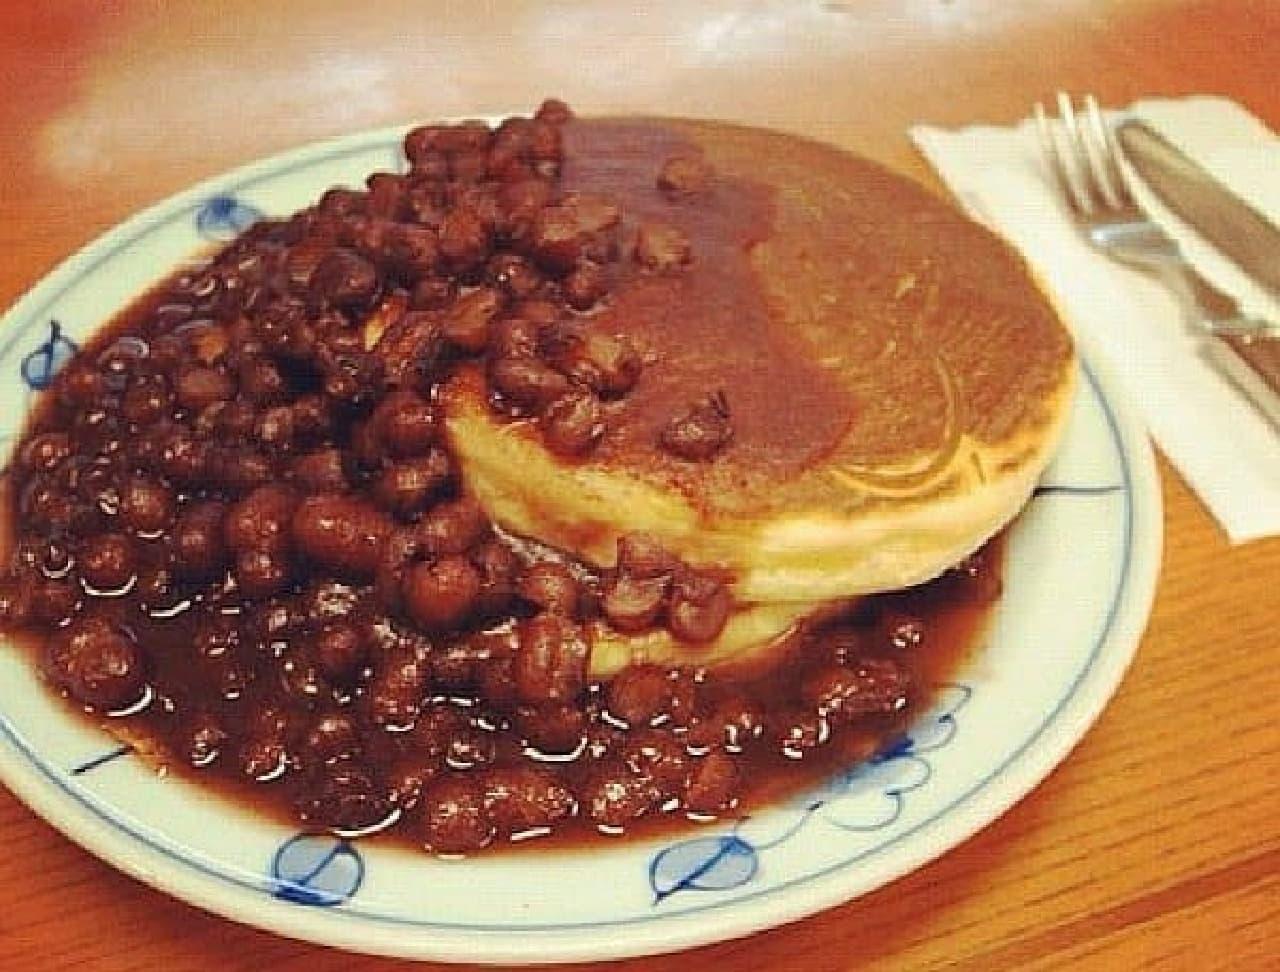 阿佐ヶ谷「とらや椿山(ちんざん)」のホットケーキ